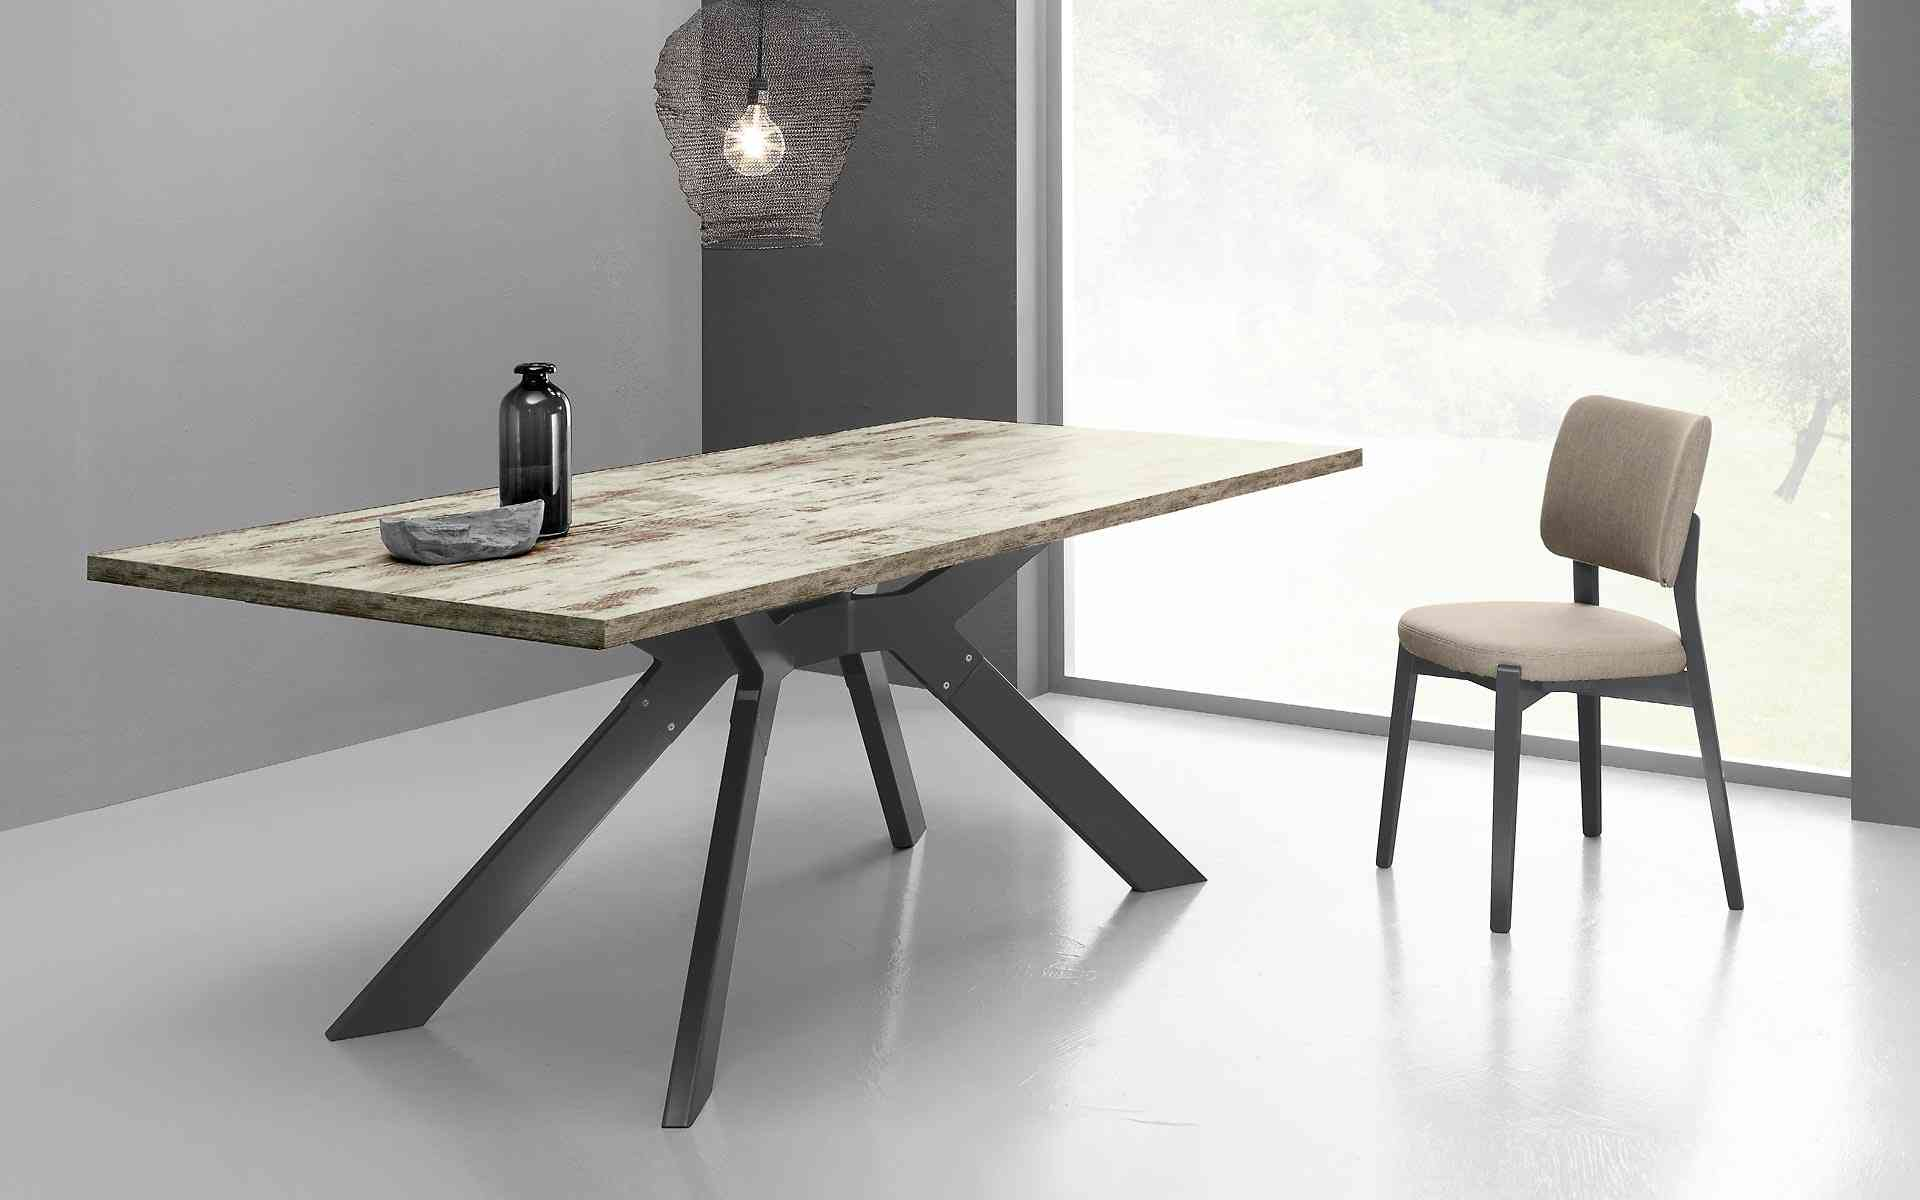 Eurosedia sedie sgabelli tavoli home office - Tavoli di design in cristallo ...